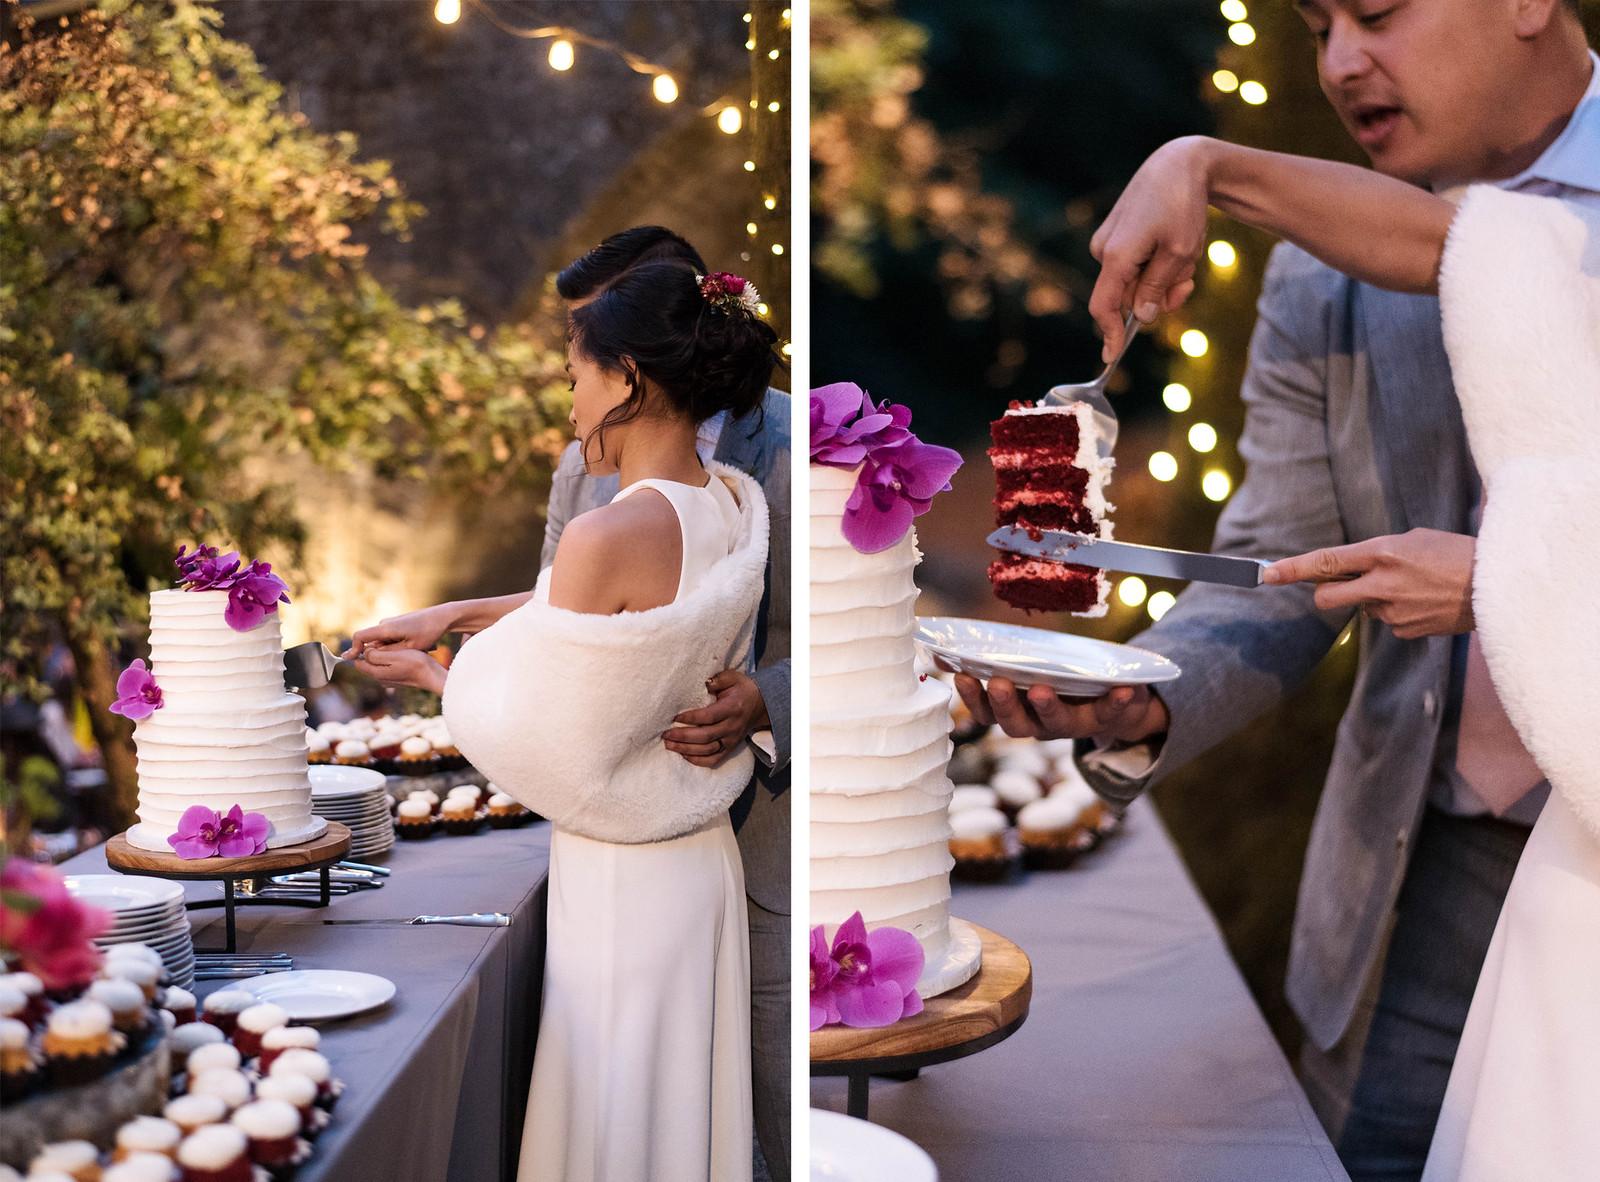 california-wedding-red-velvet-cake on juliettelaura.com